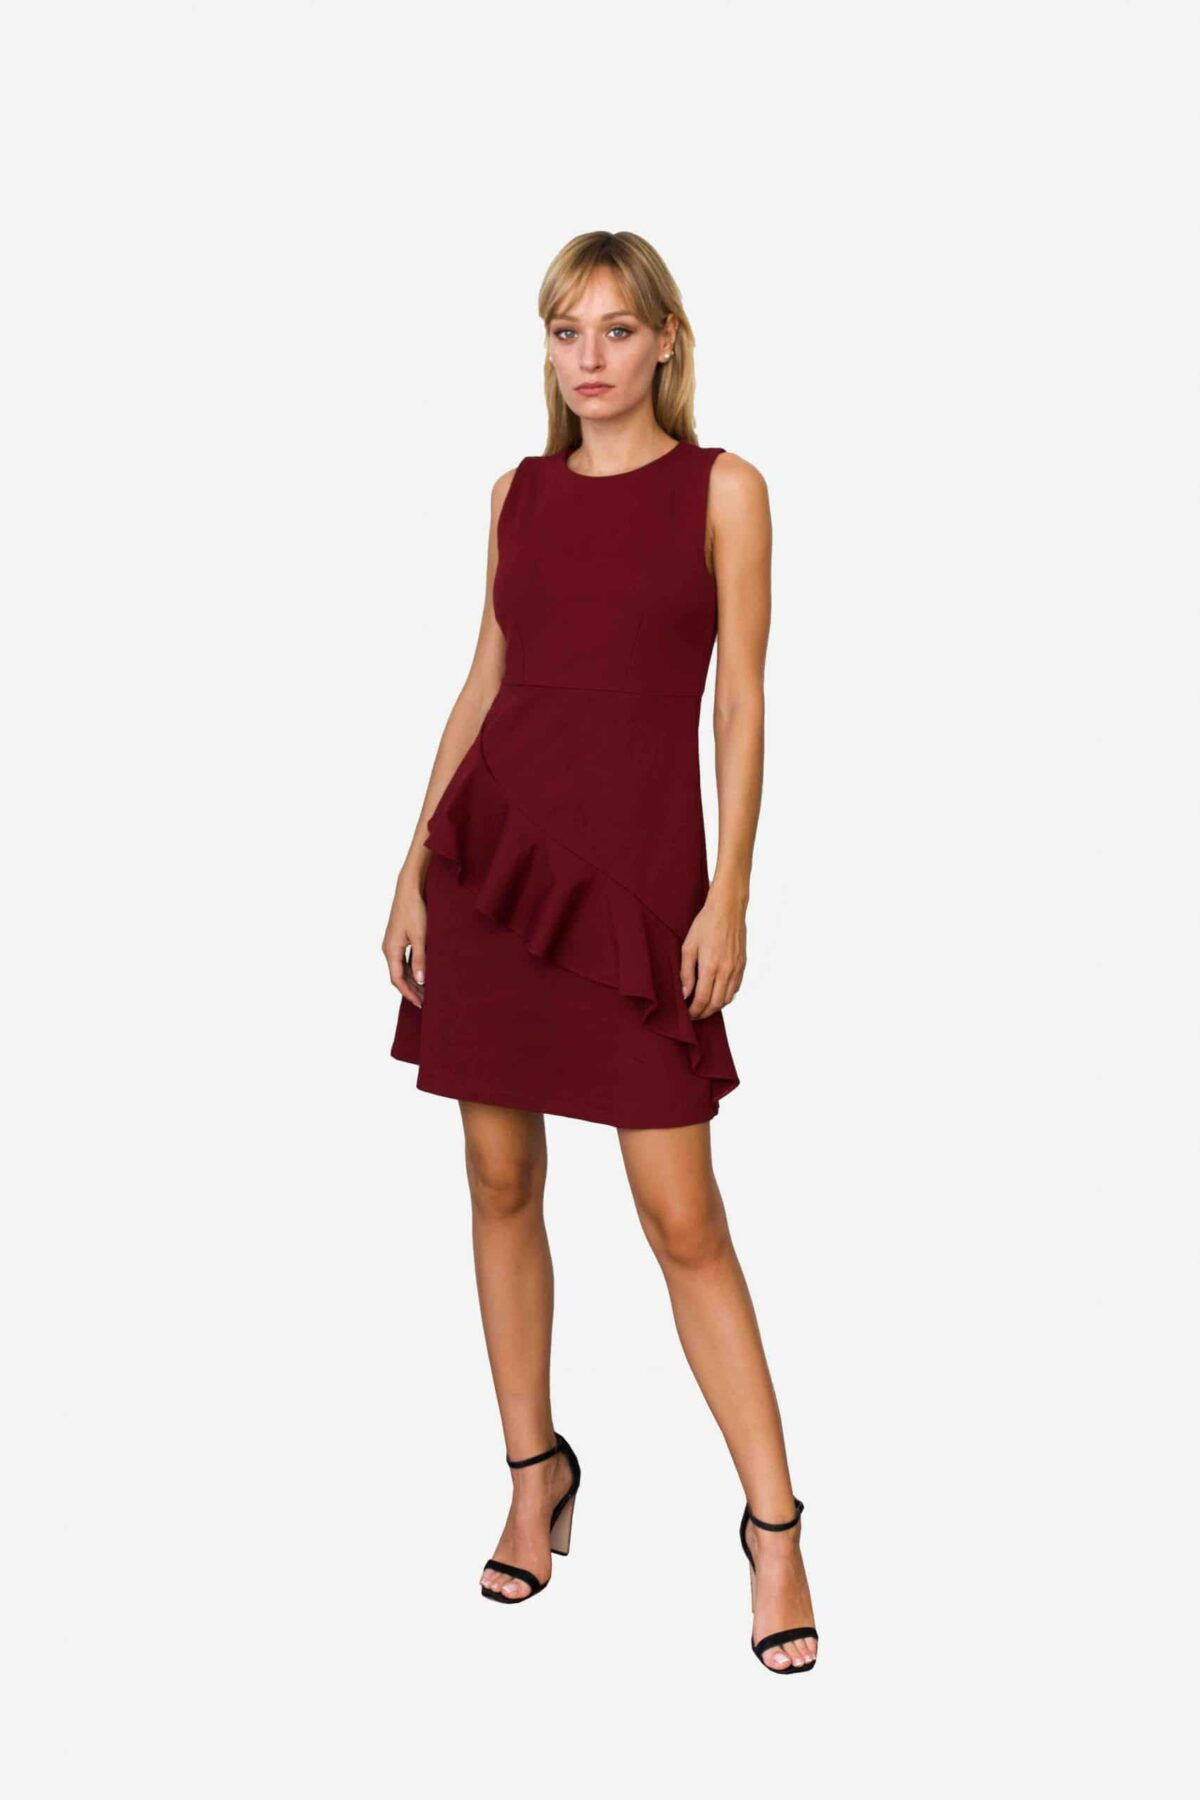 Kleid Nannette von SANOGE. Elegantes Etuikleid in weinrot mit Volant. Ärmellos. Slim Fit. Mit Stretch. Mode aus Deutschland.